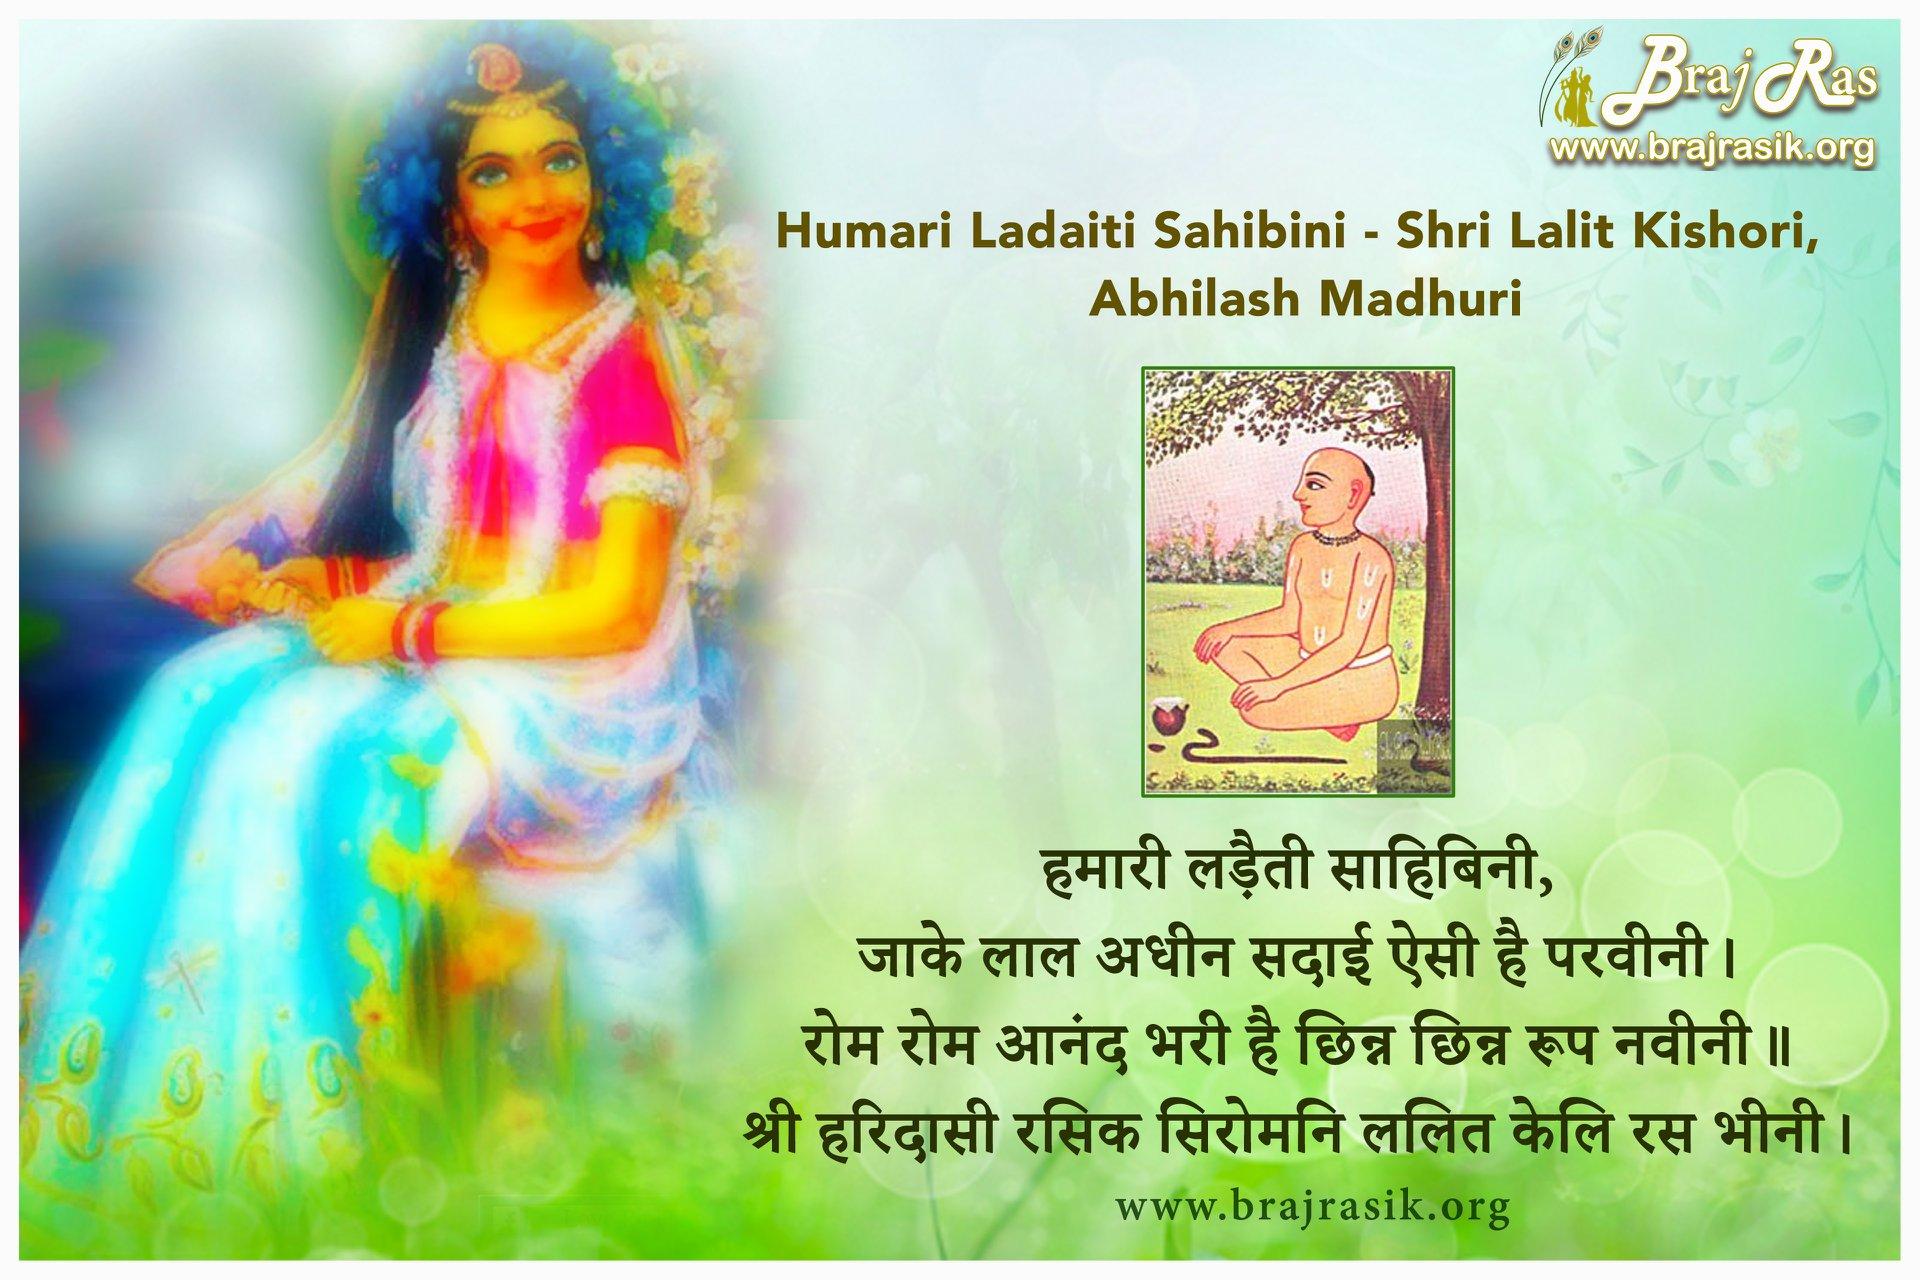 Humari Ladaiti Sahibini - Shri Lalit Kishori, Abhilash Madhuri